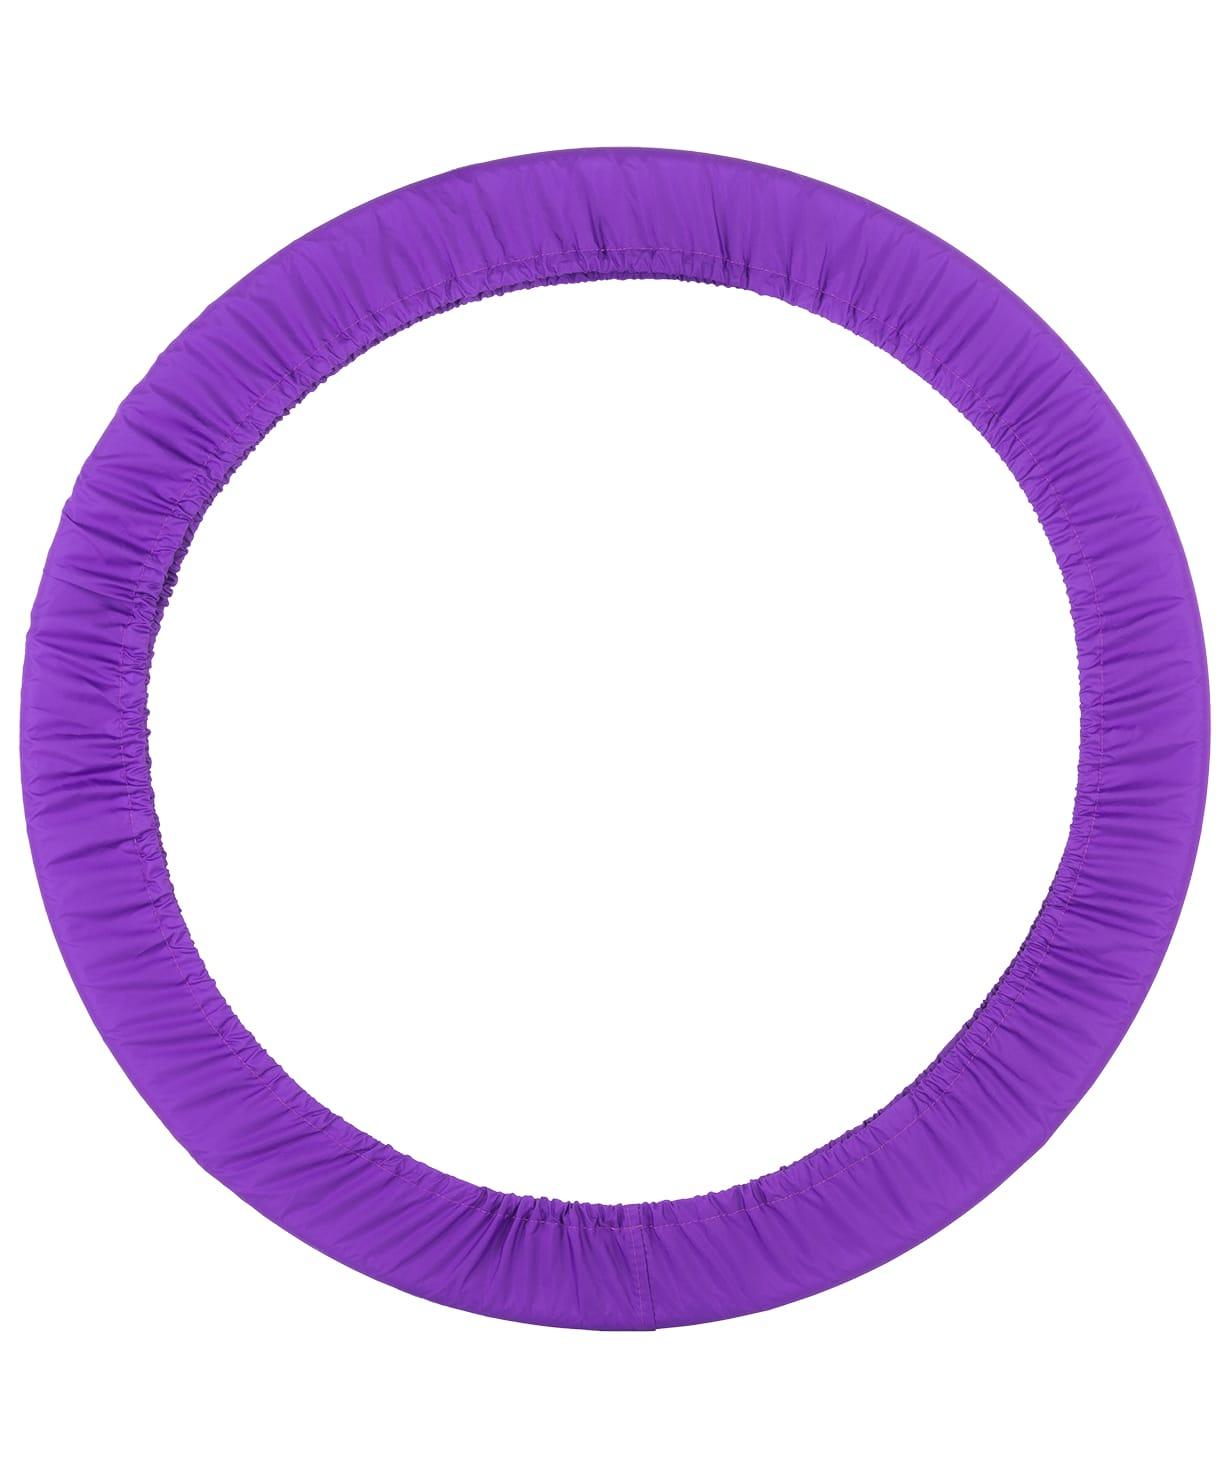 Чехол для гимнастического обруча Chersa без кармана D65, фиолетовый